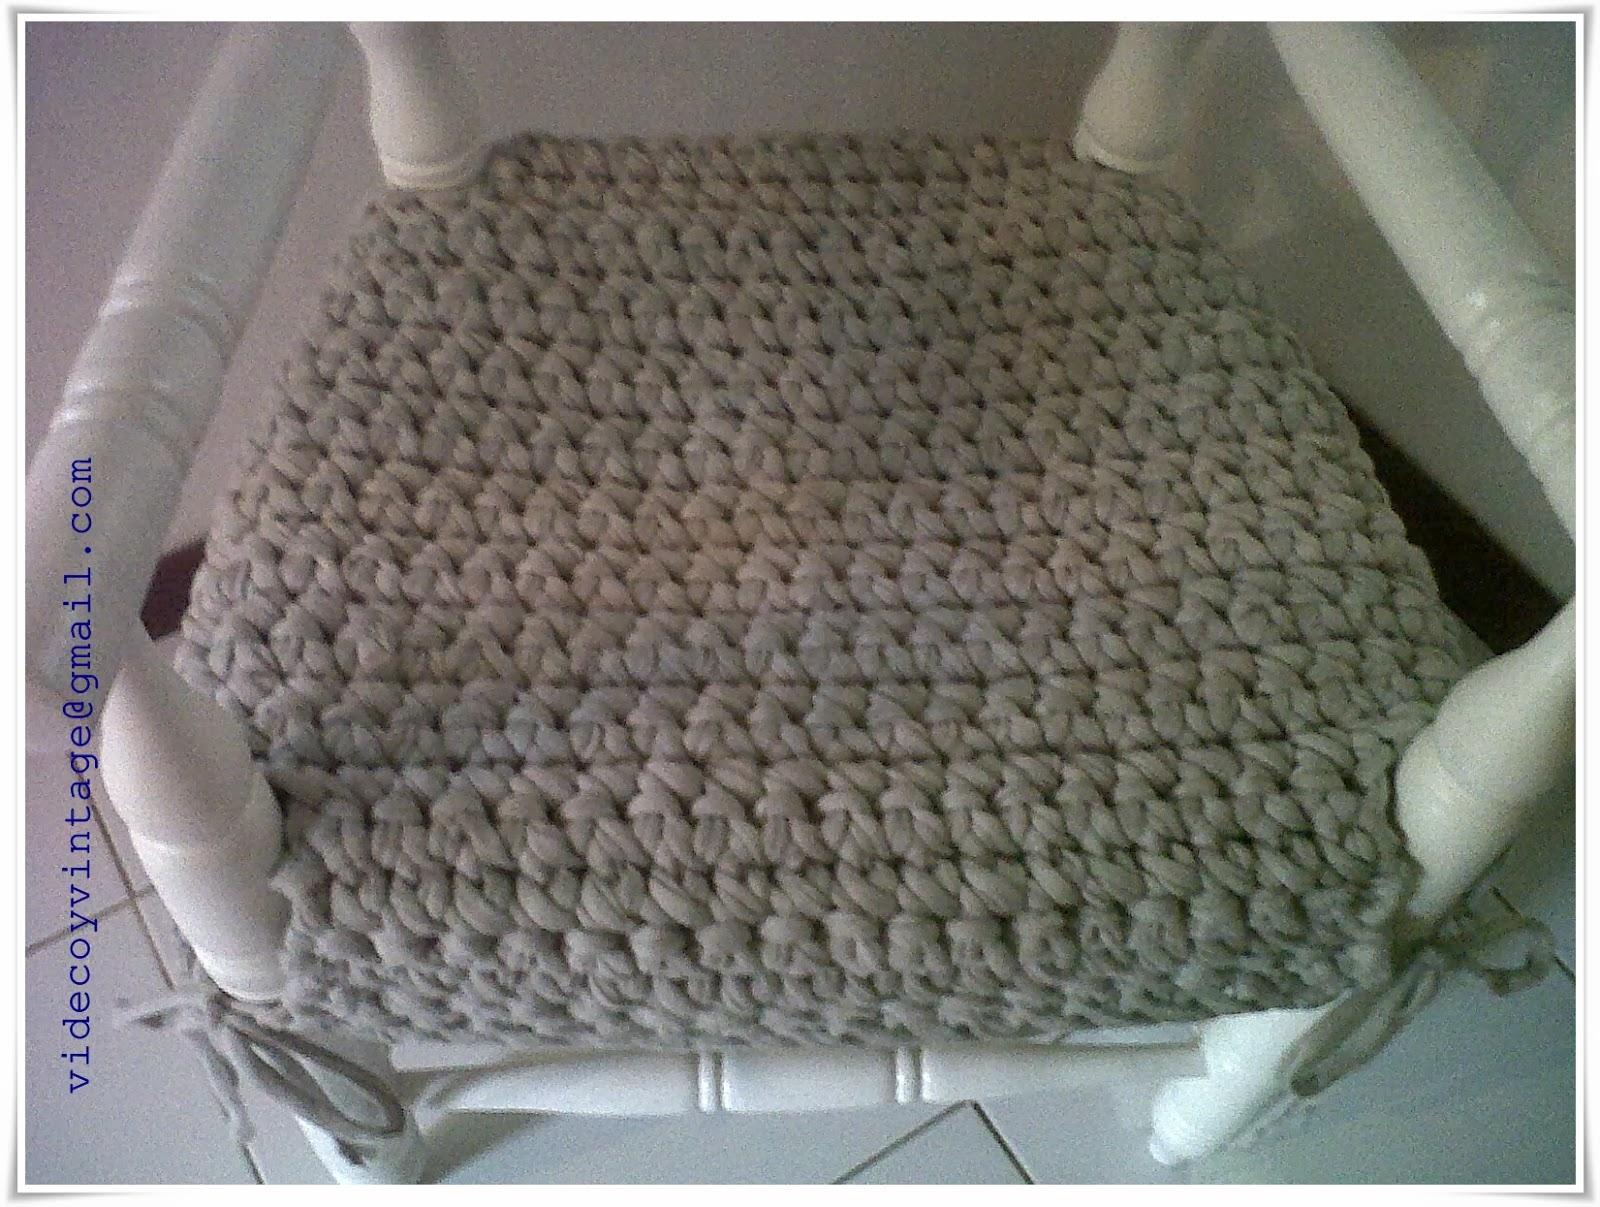 Videcoyvintage deco funda a medida tejida en totora - Tejidos para tapizar sillas ...